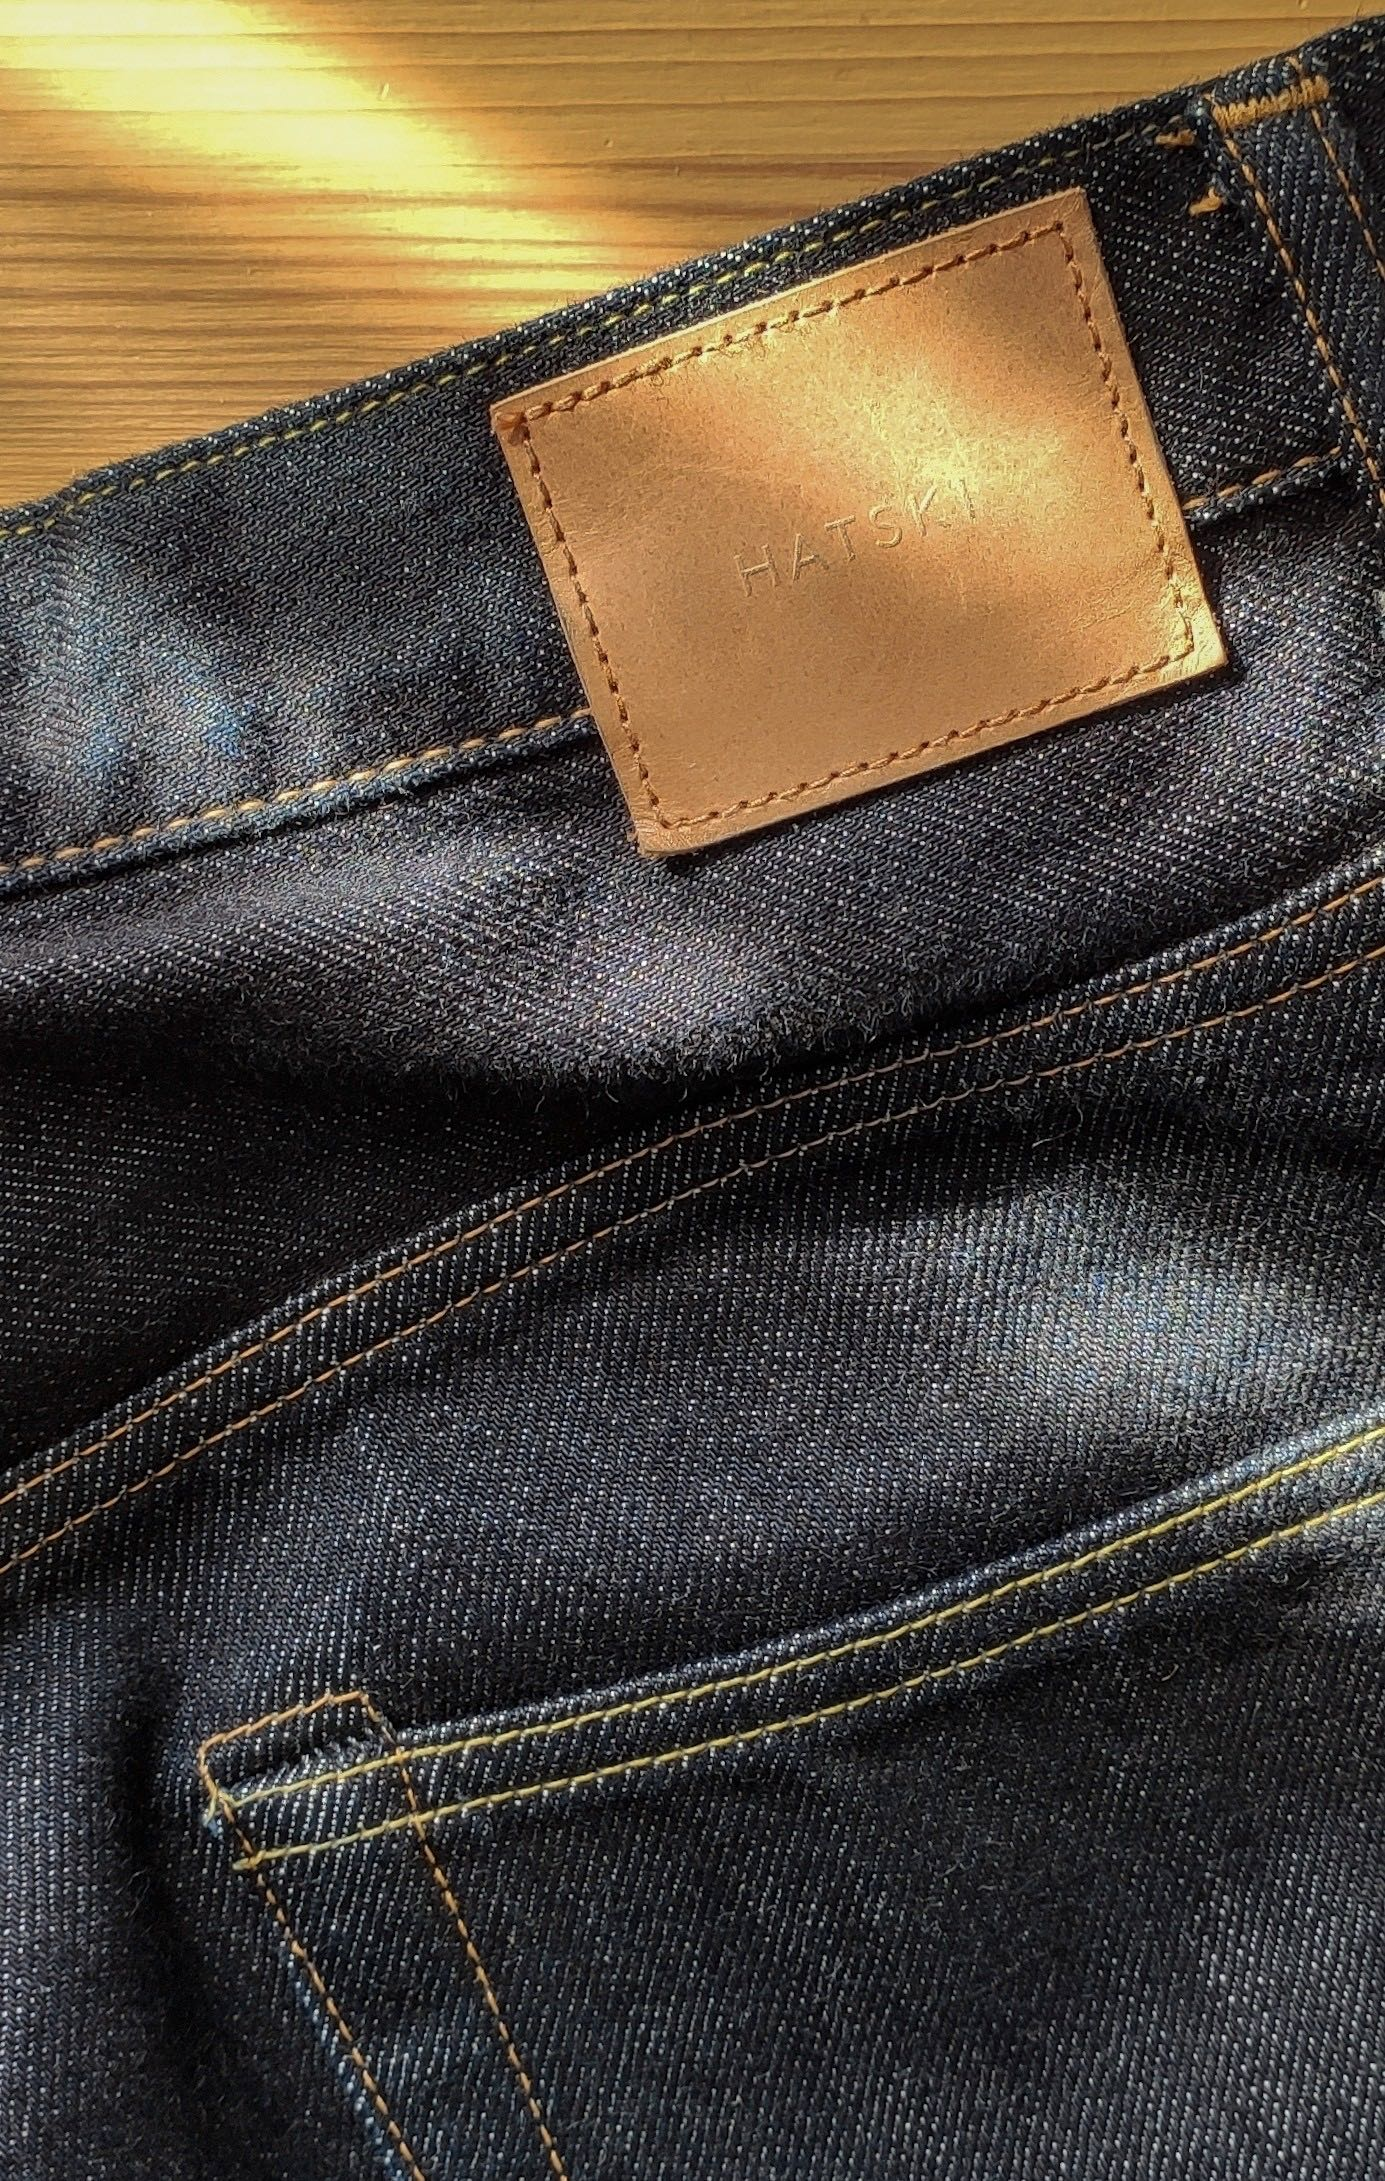 Jean brut loose tapered de la marque Hatski, détail du patch en cuir et de la toile selvedge